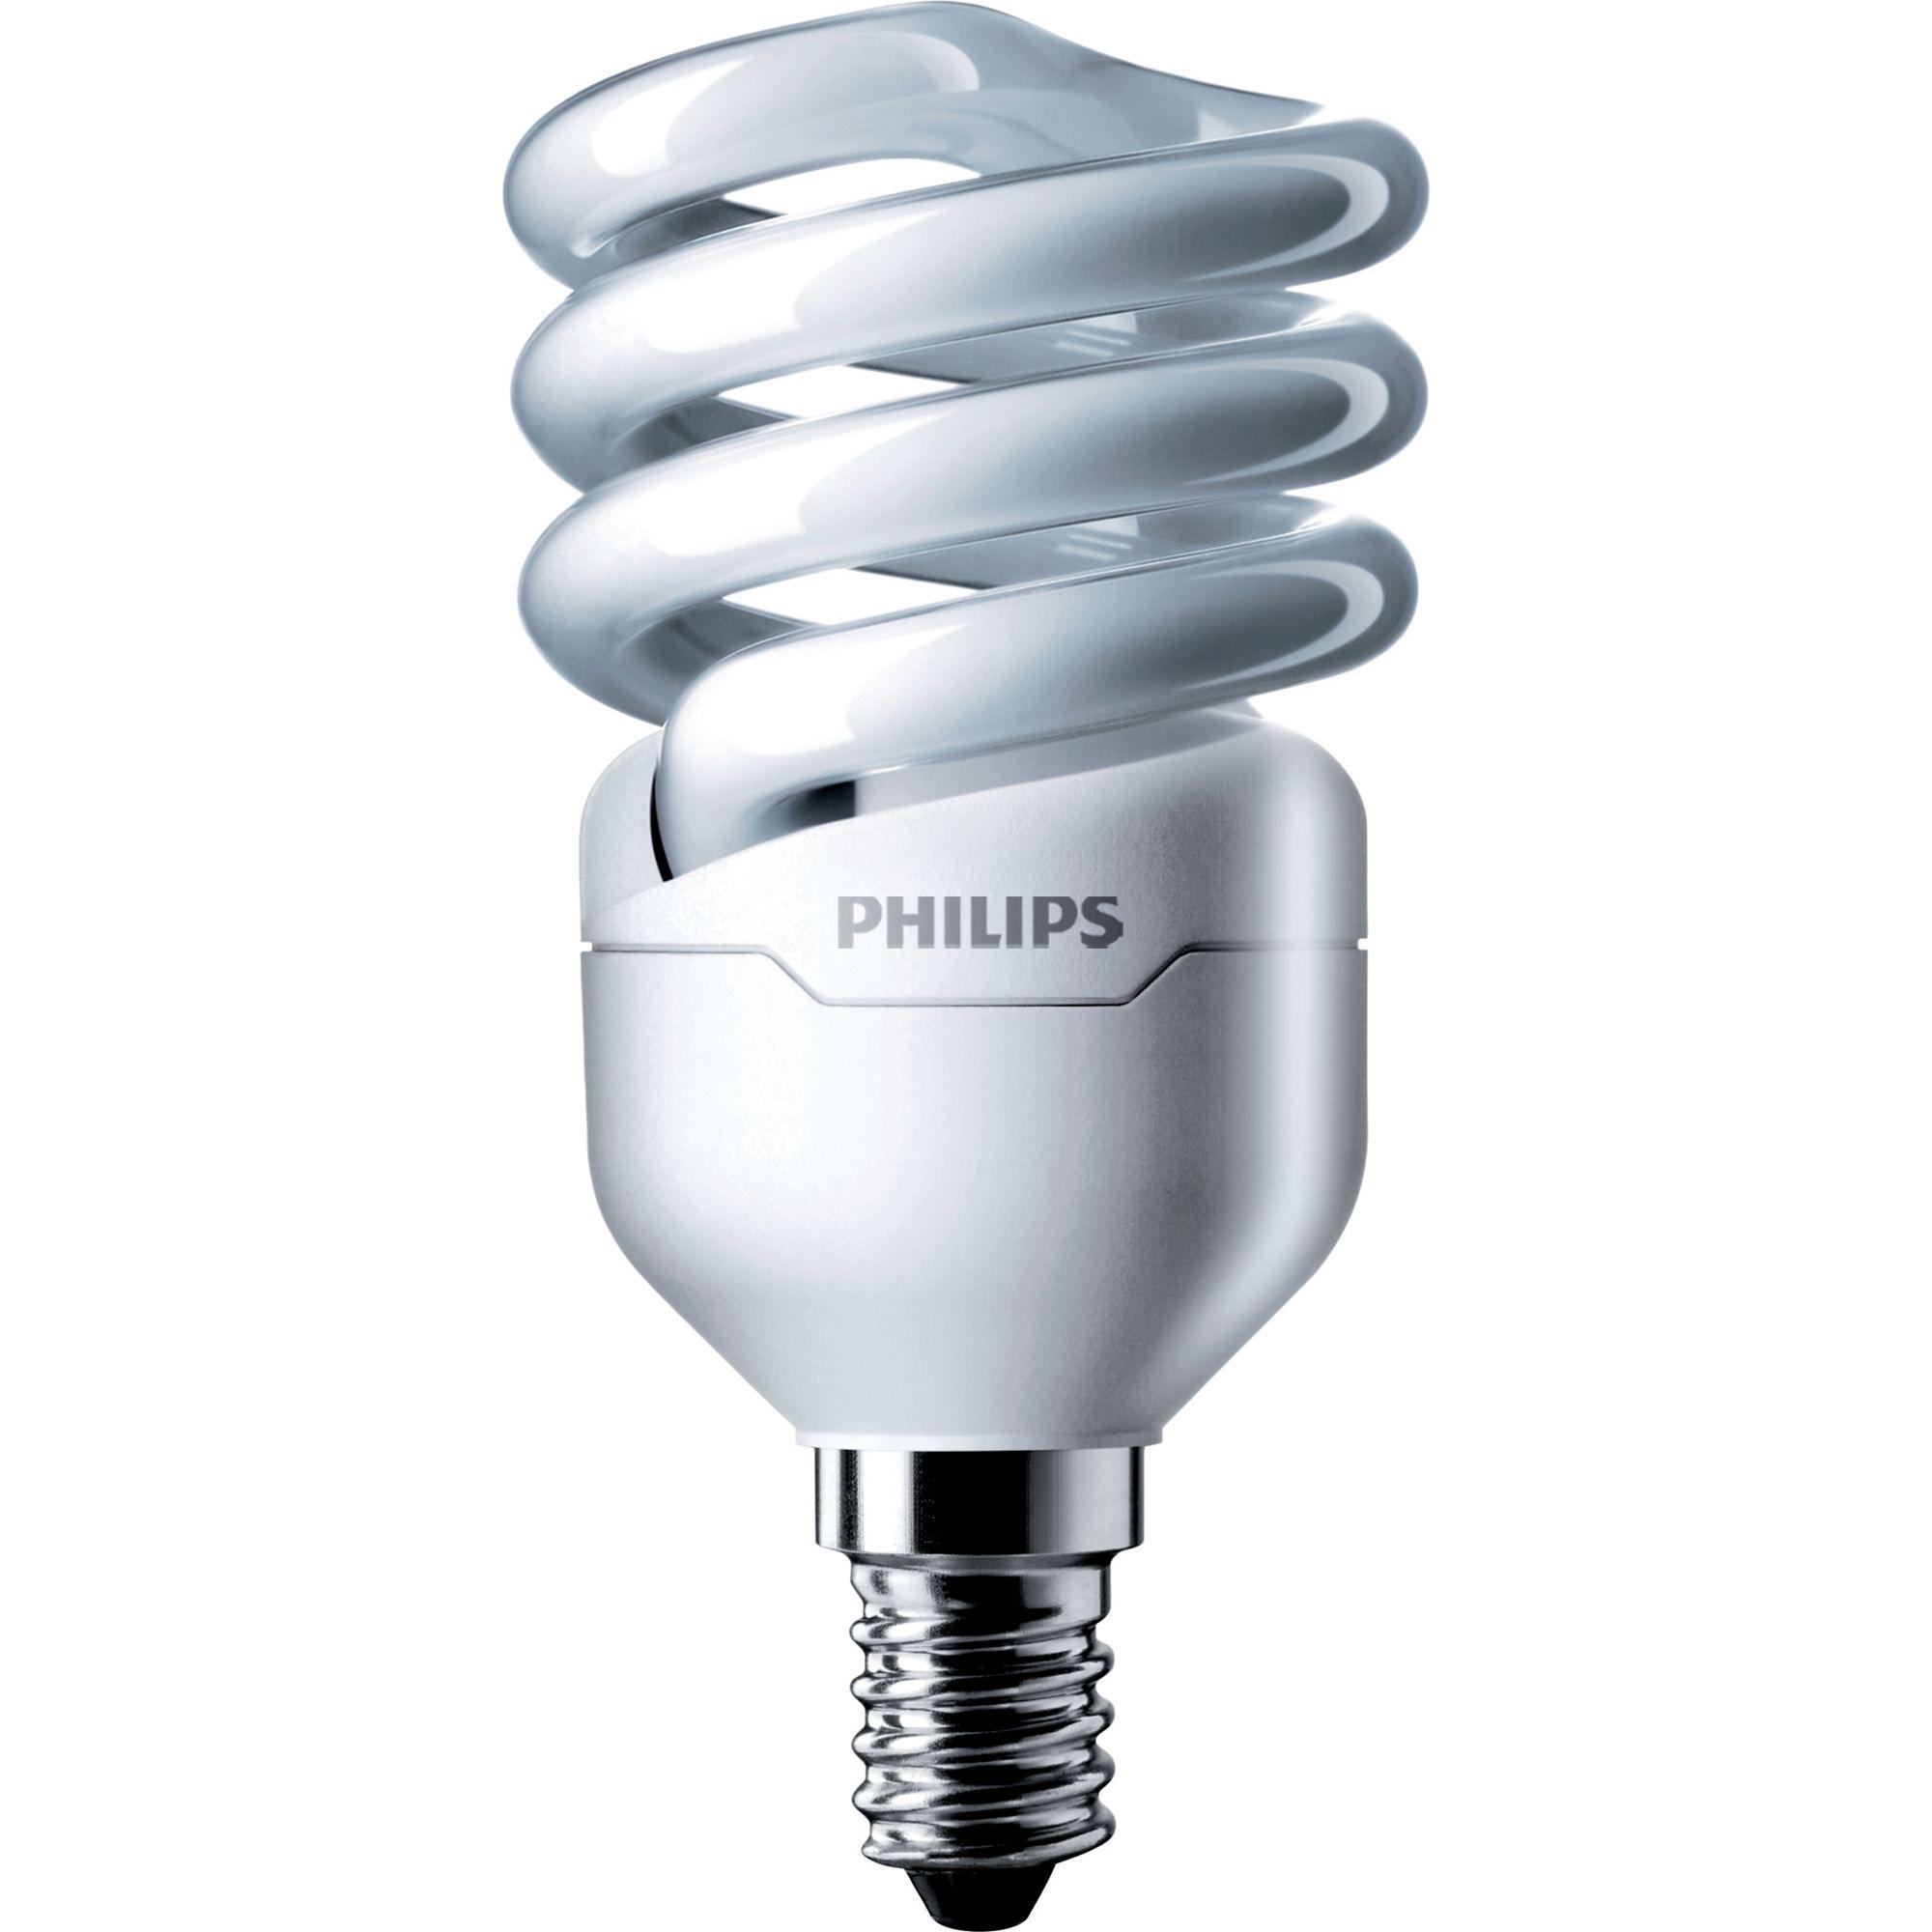 Купить Лампа люминесцентная Philips Tornado T2 12W WW E14 220-240V 1PF/6 8000ч, теплый-